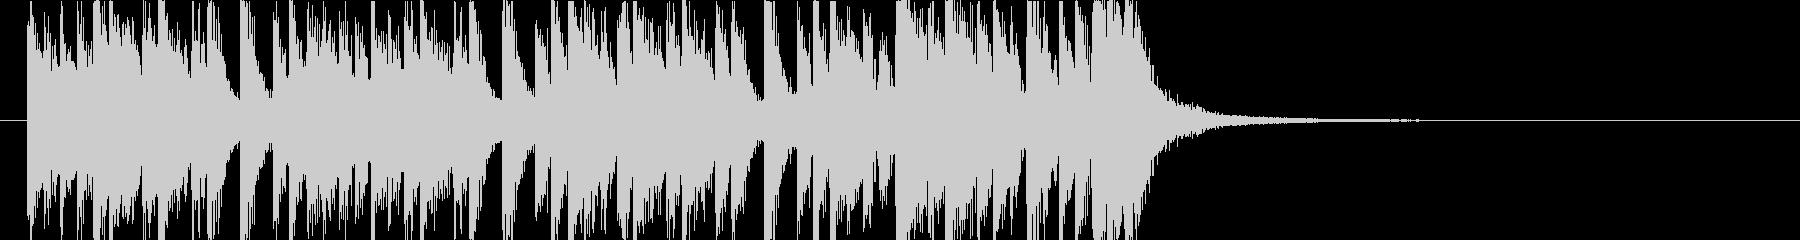 オシャレでロックなピアノジングルの未再生の波形